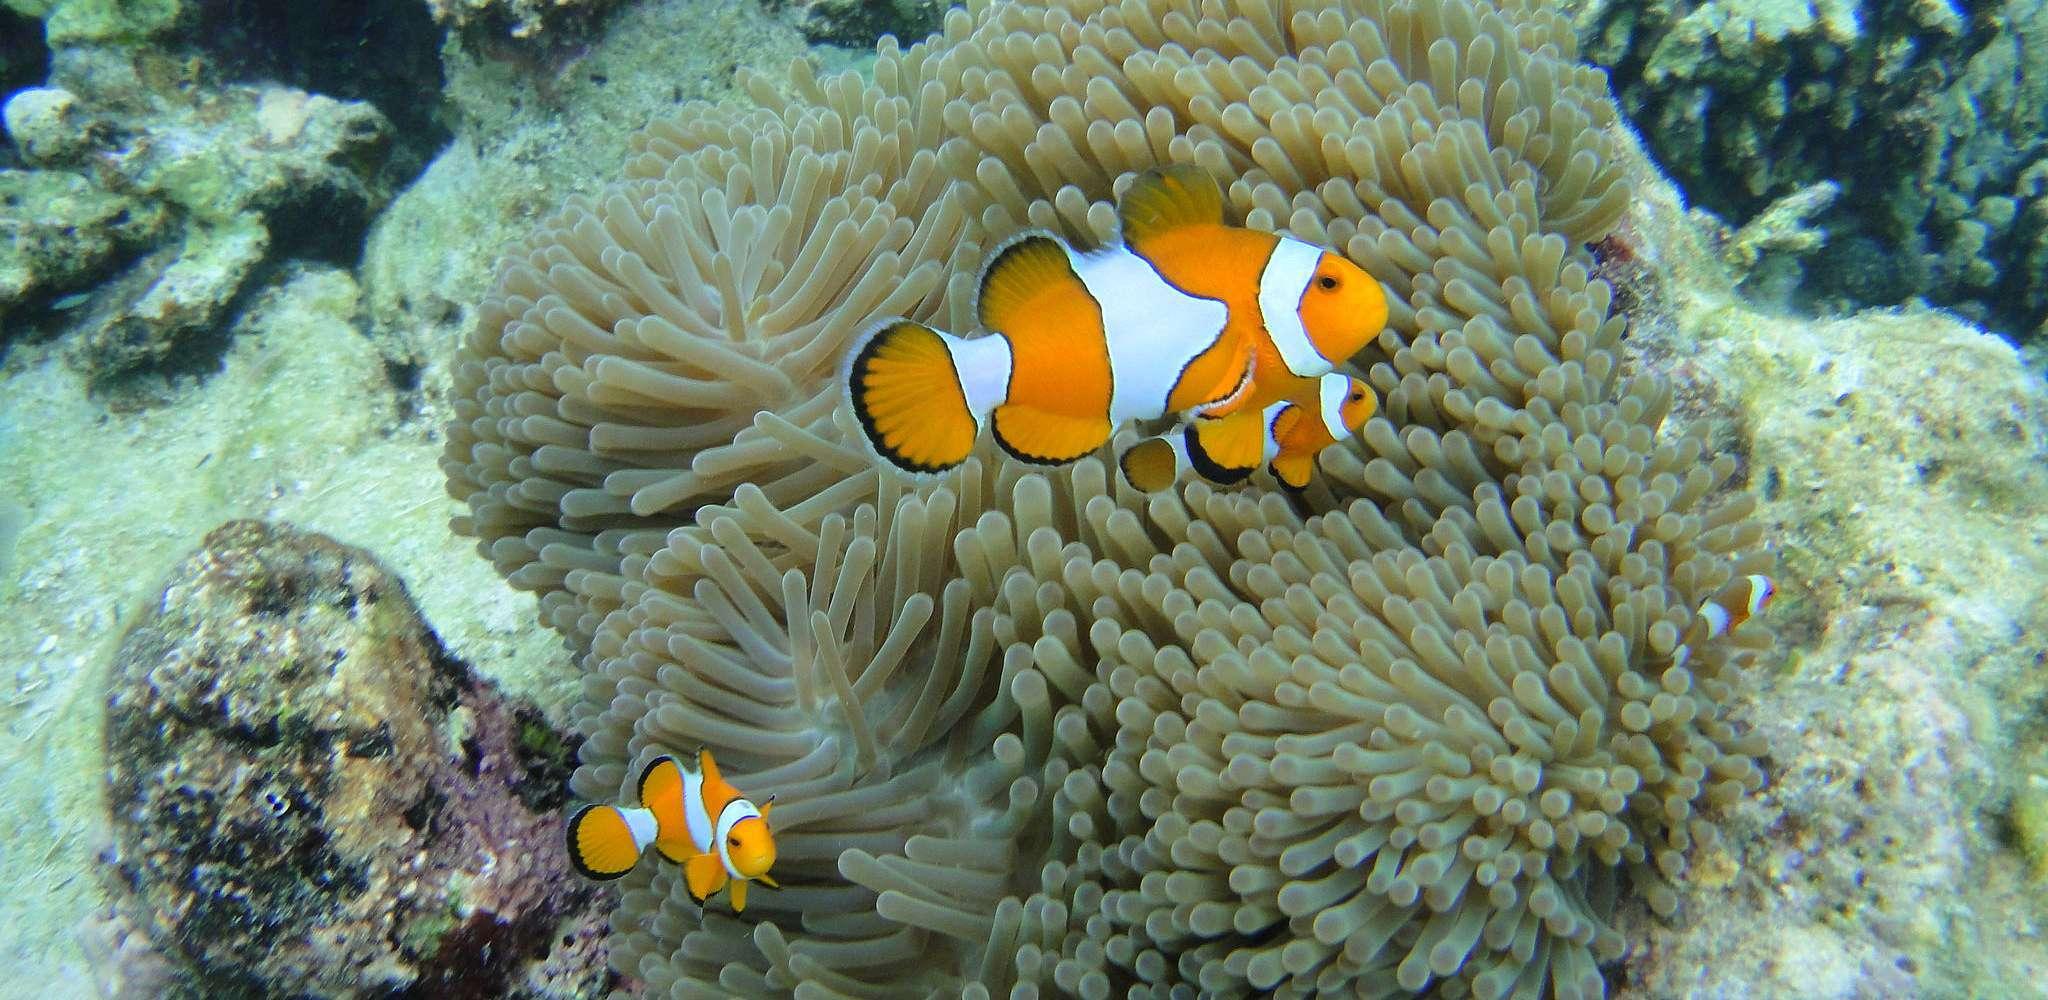 3 nemo fish for soft coral in the sea